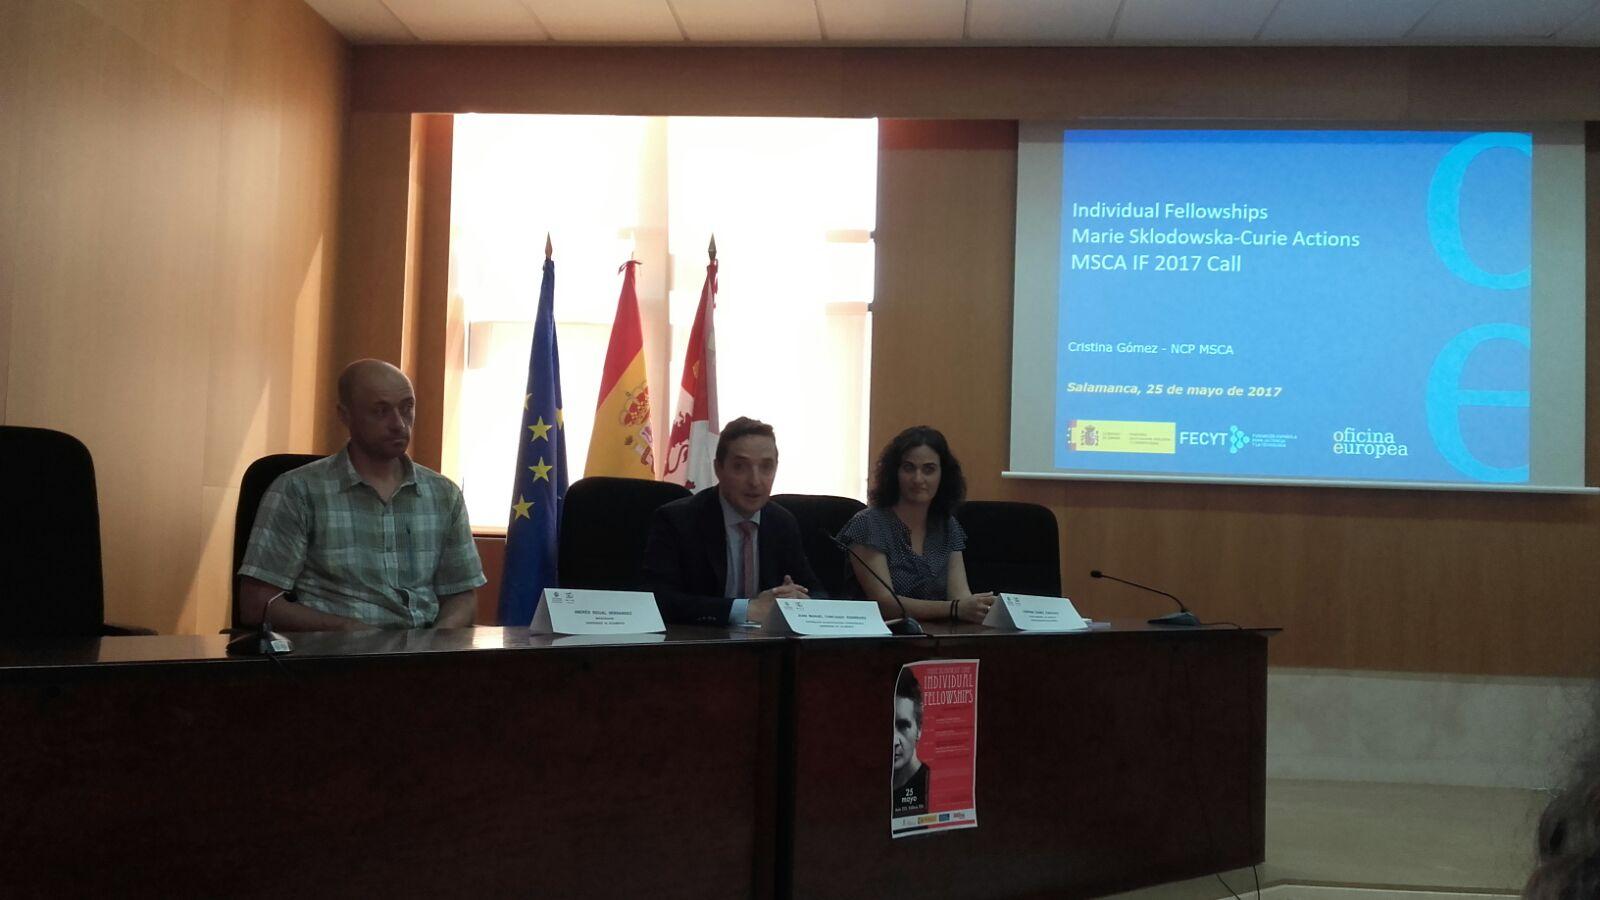 La Oficina de Proyectos Internaciones organiza la jornada informativa sobre las becas individuales del programa Marie Sklodowska Curie